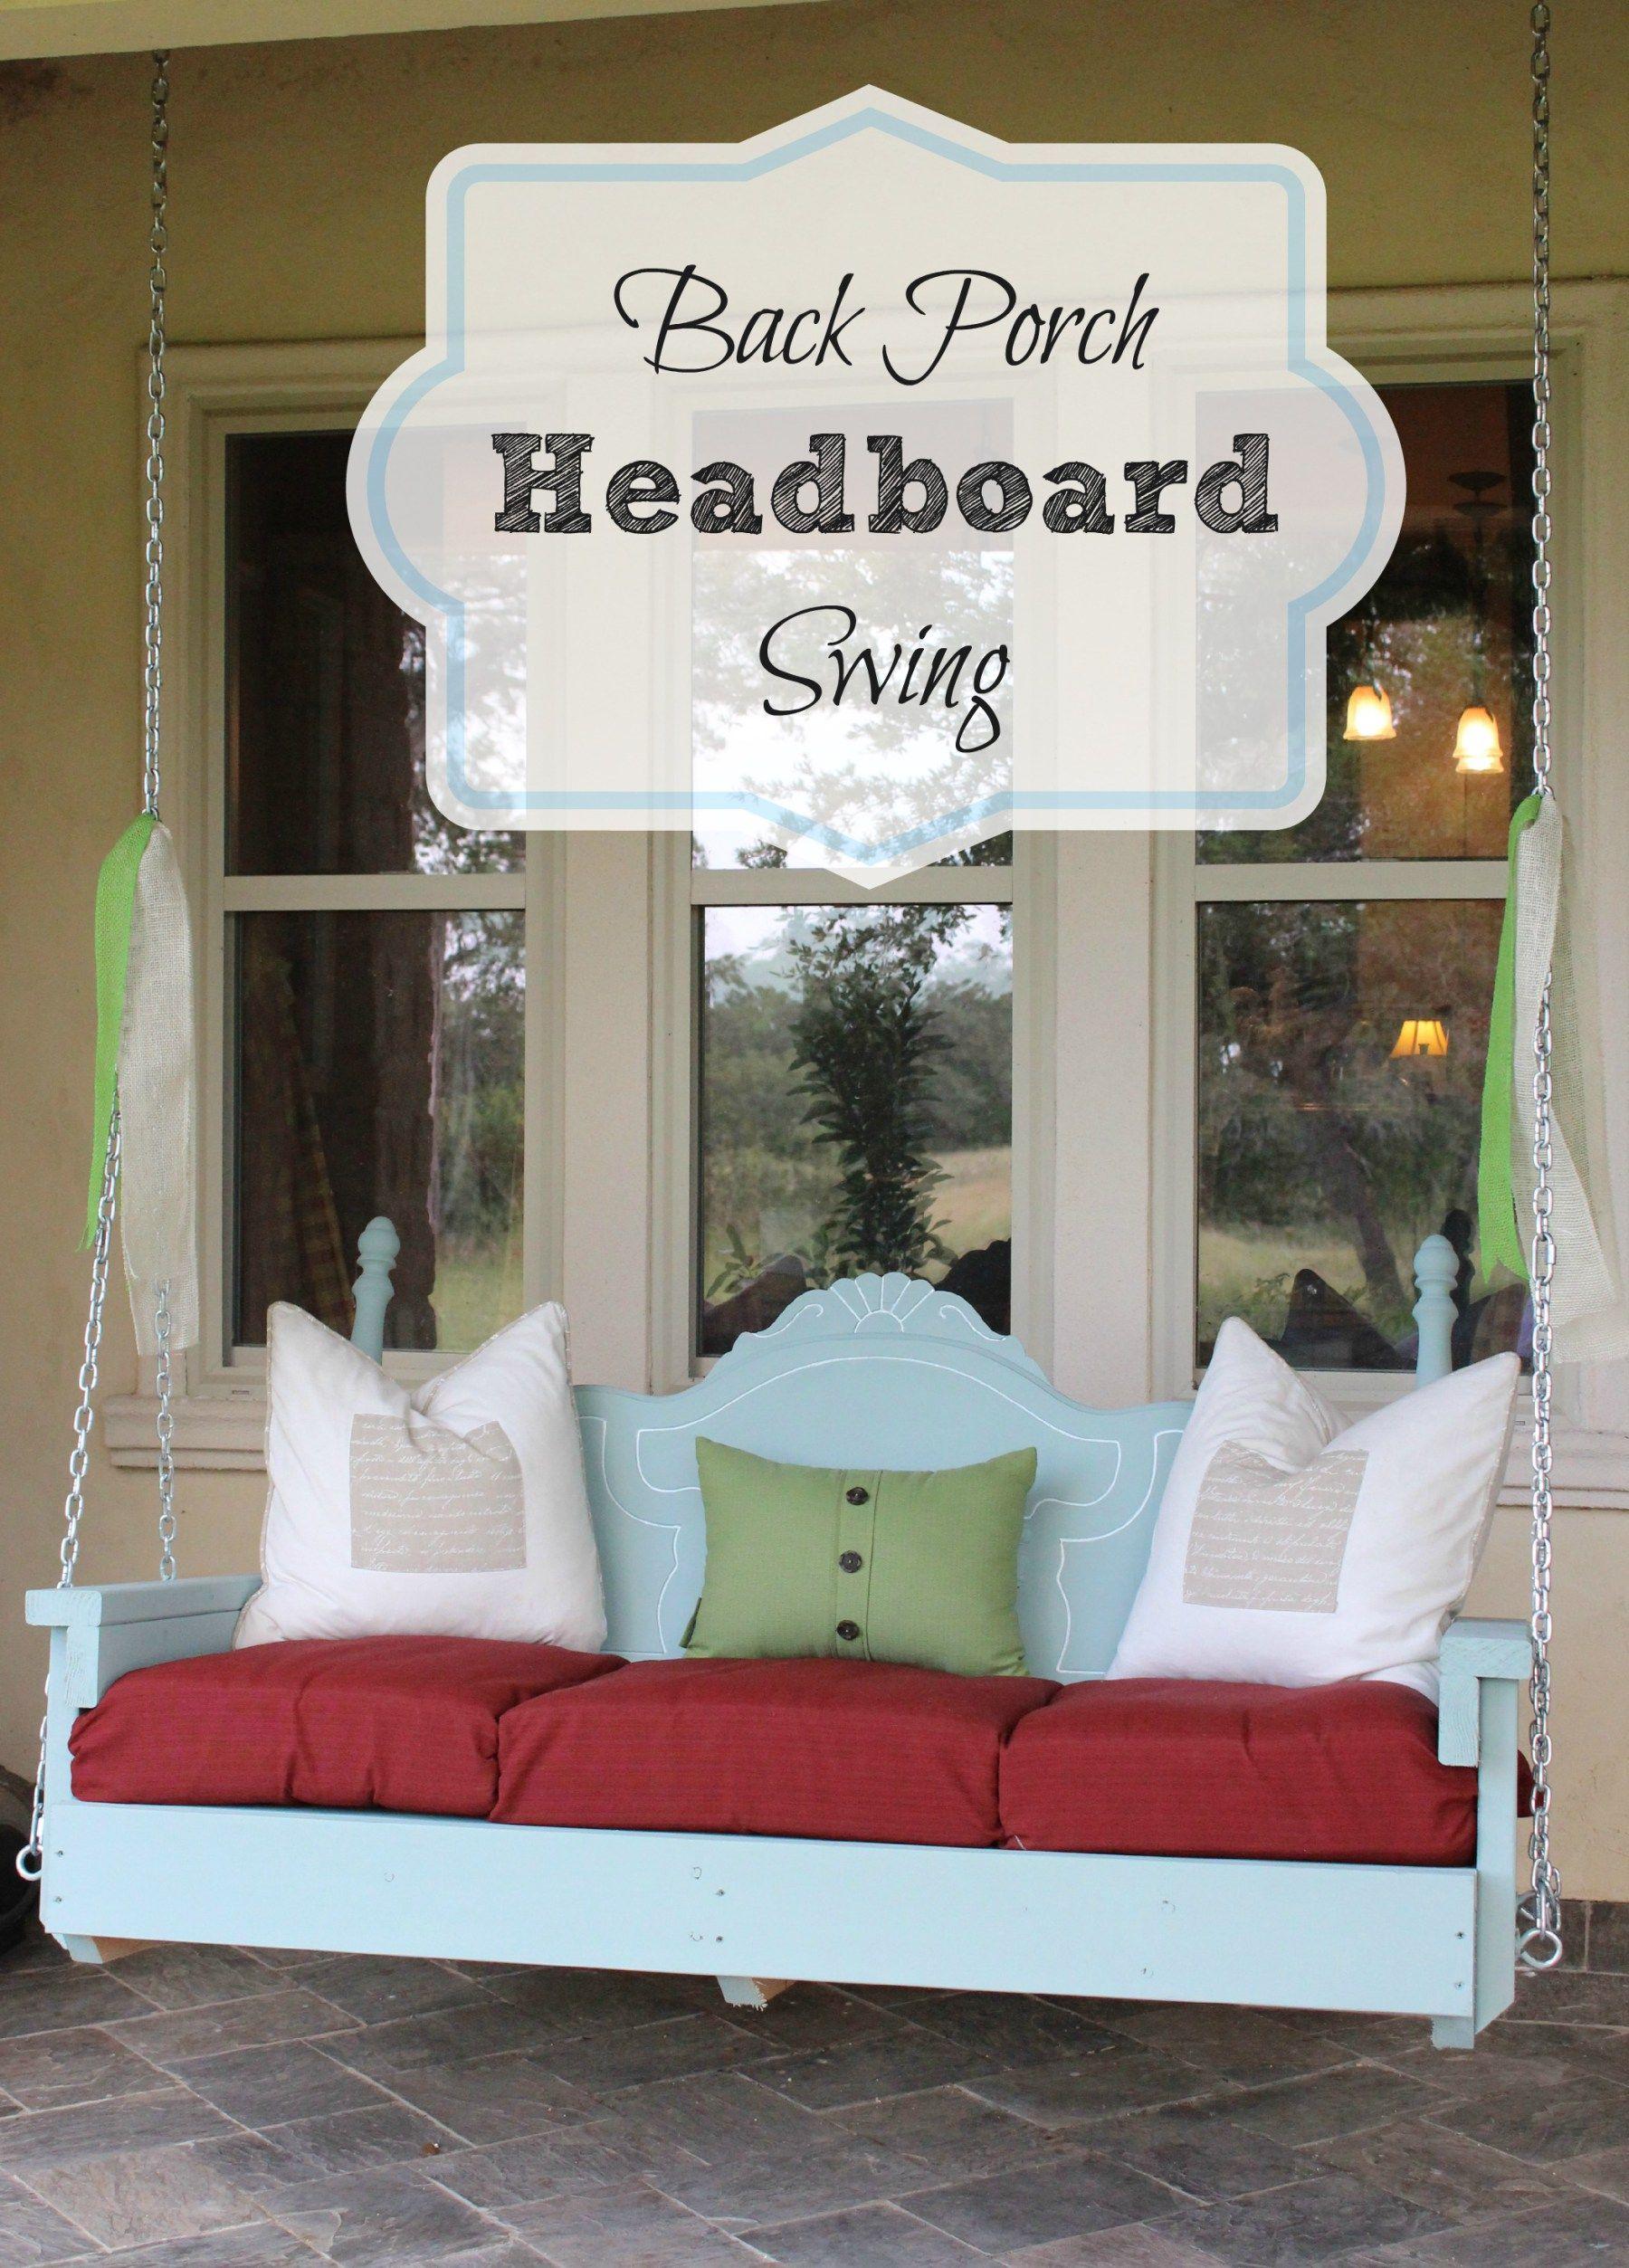 Back Porch Headboard Swing